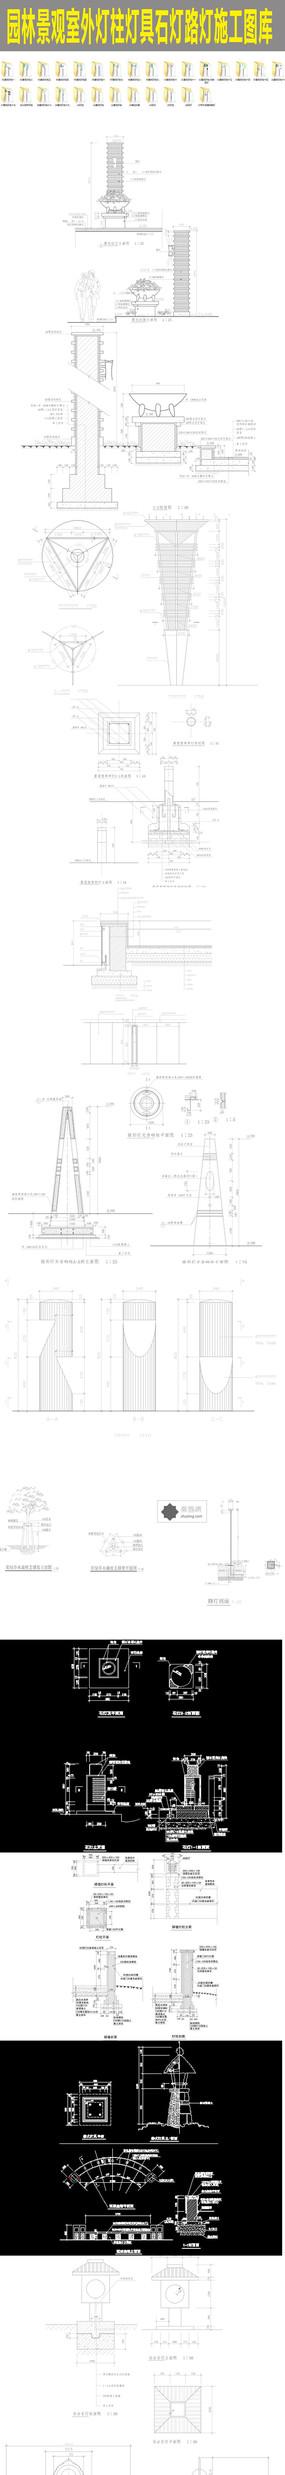 园林景观灯柱灯具石灯路灯CAD图库集